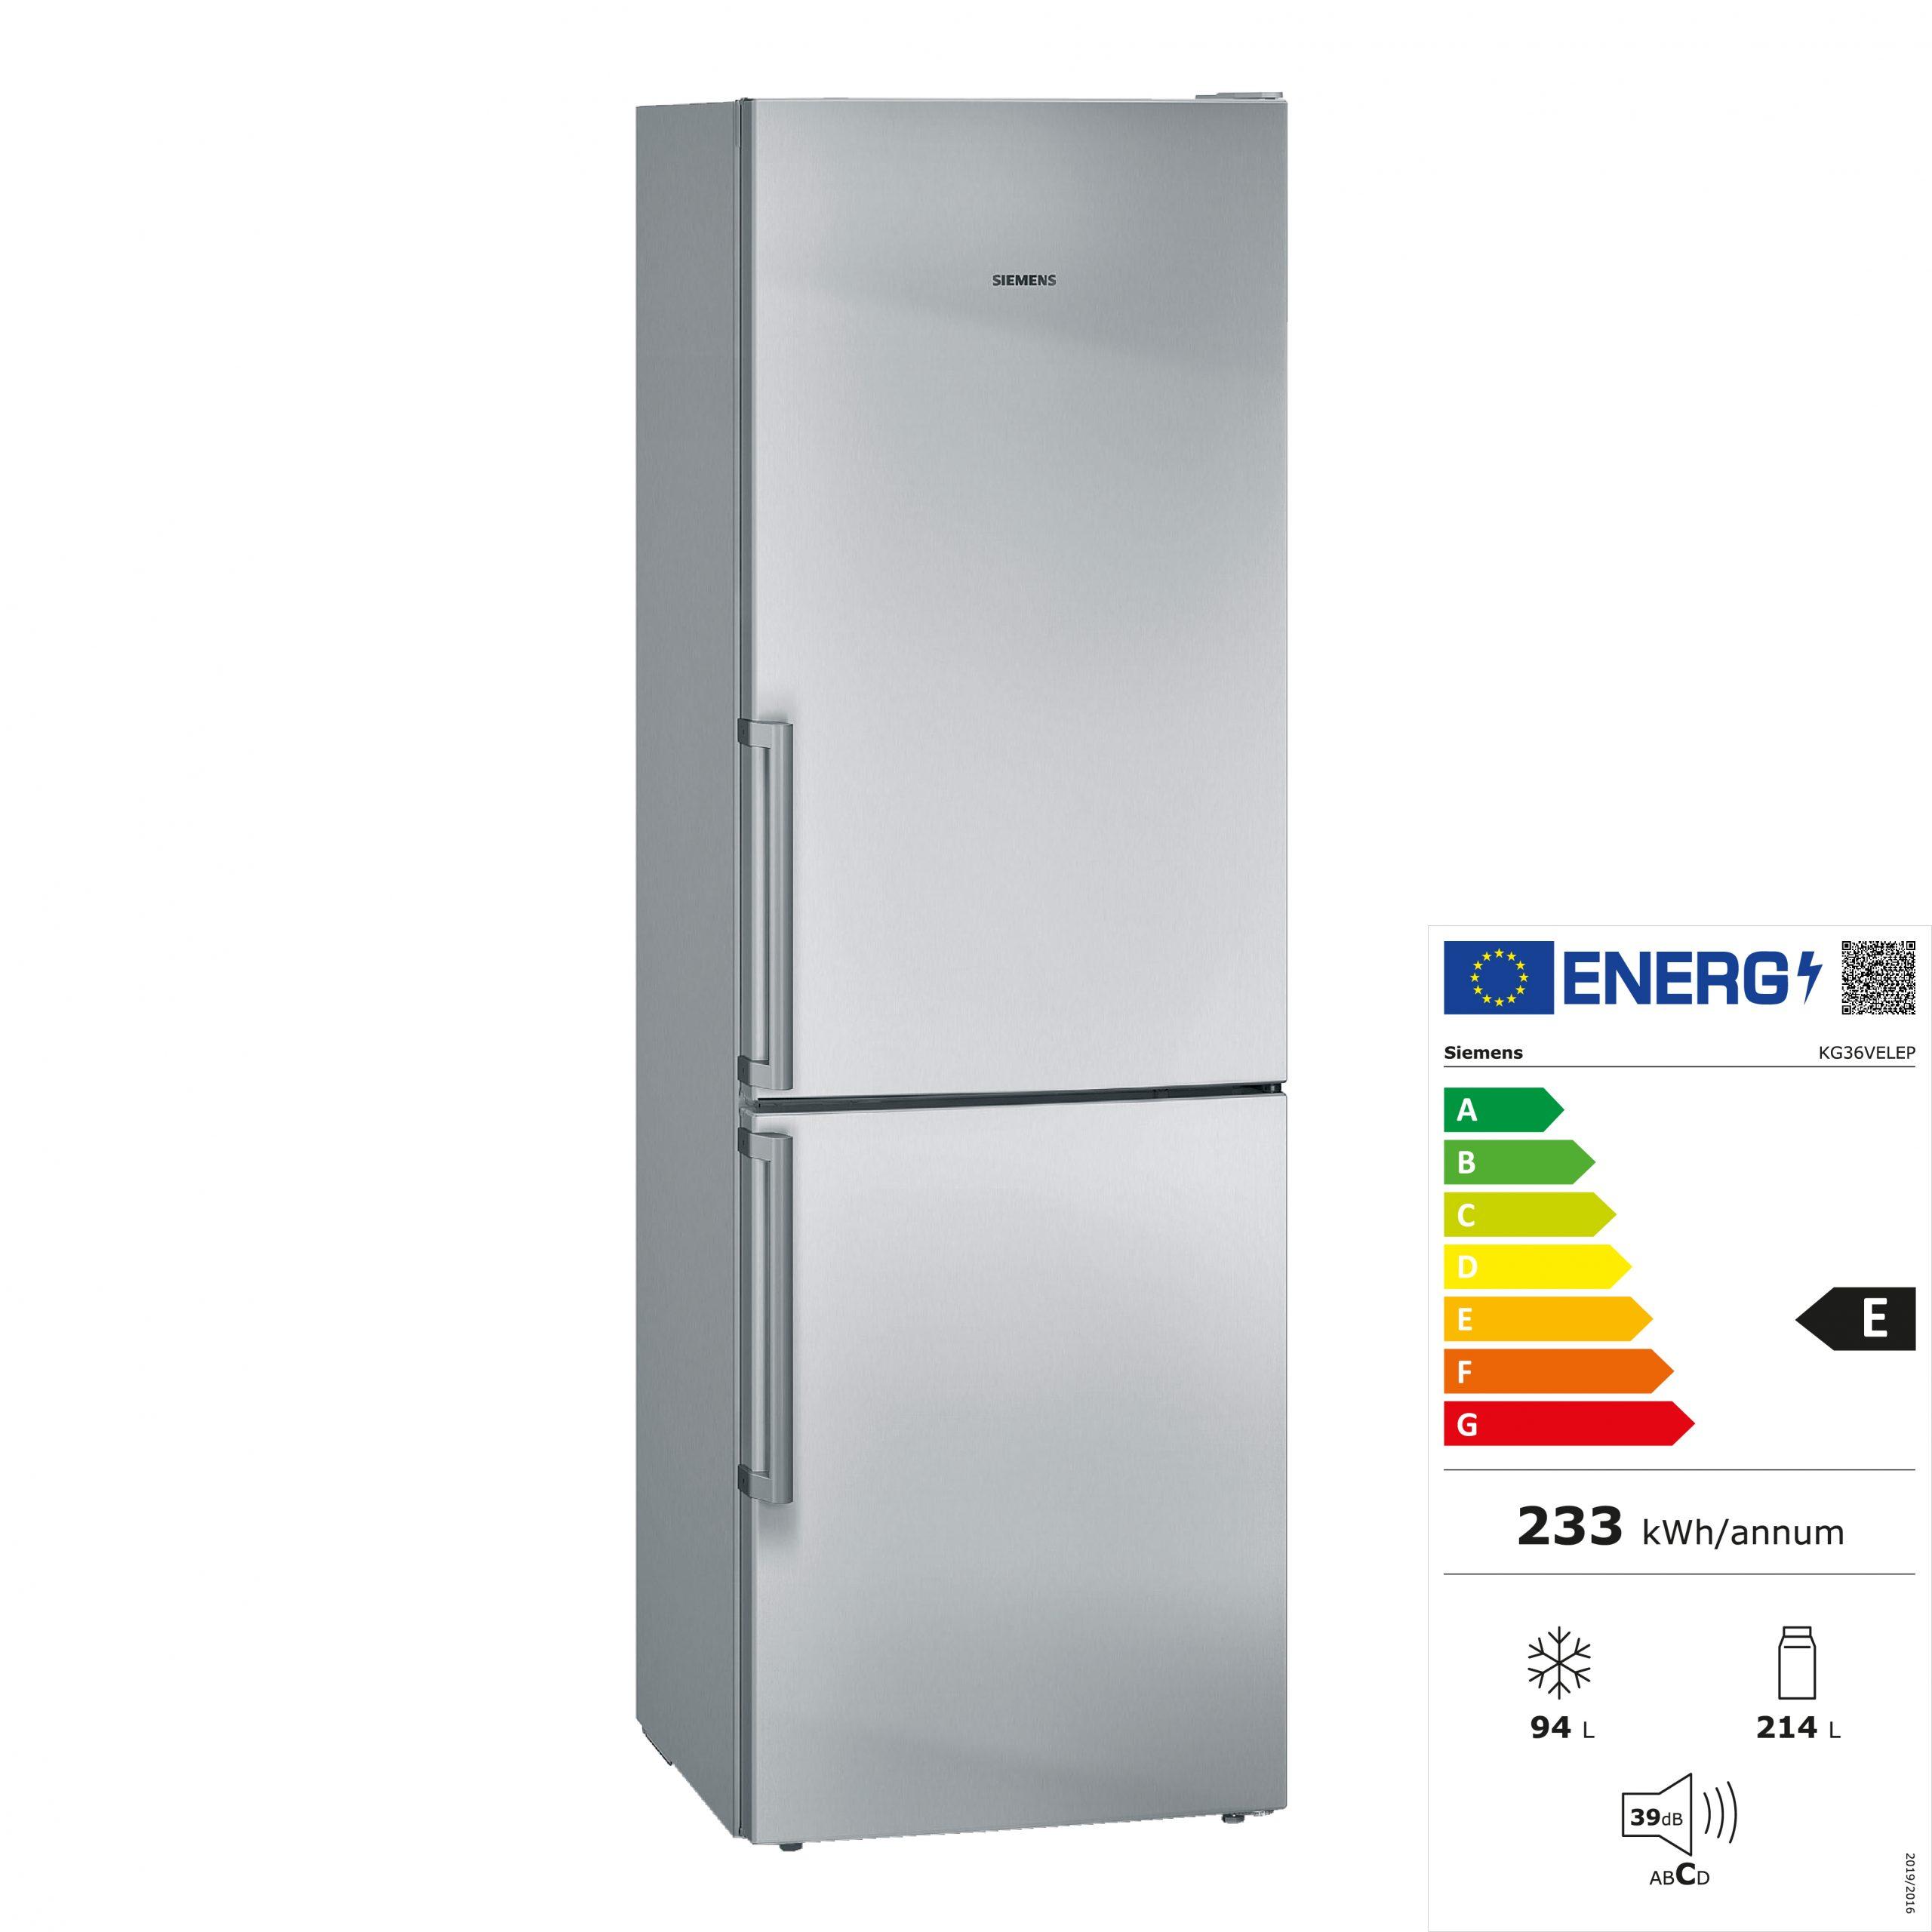 Siemens KG36VELEP